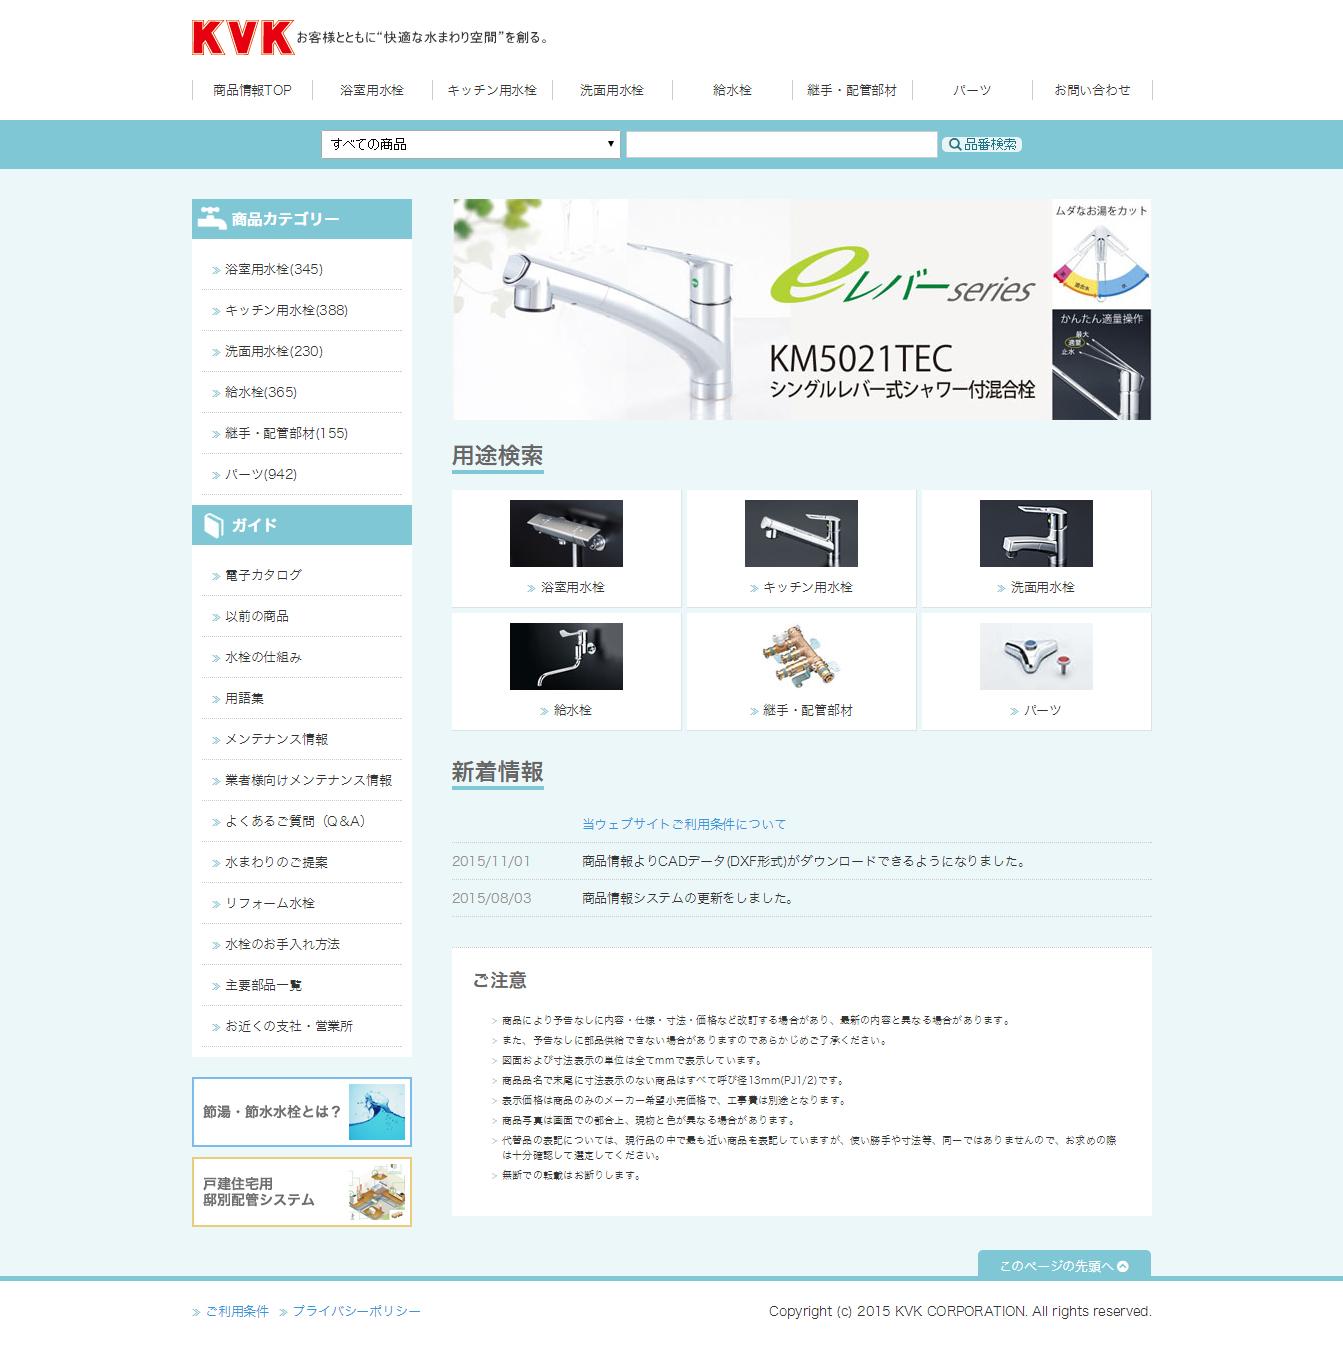 KVK 商品情報